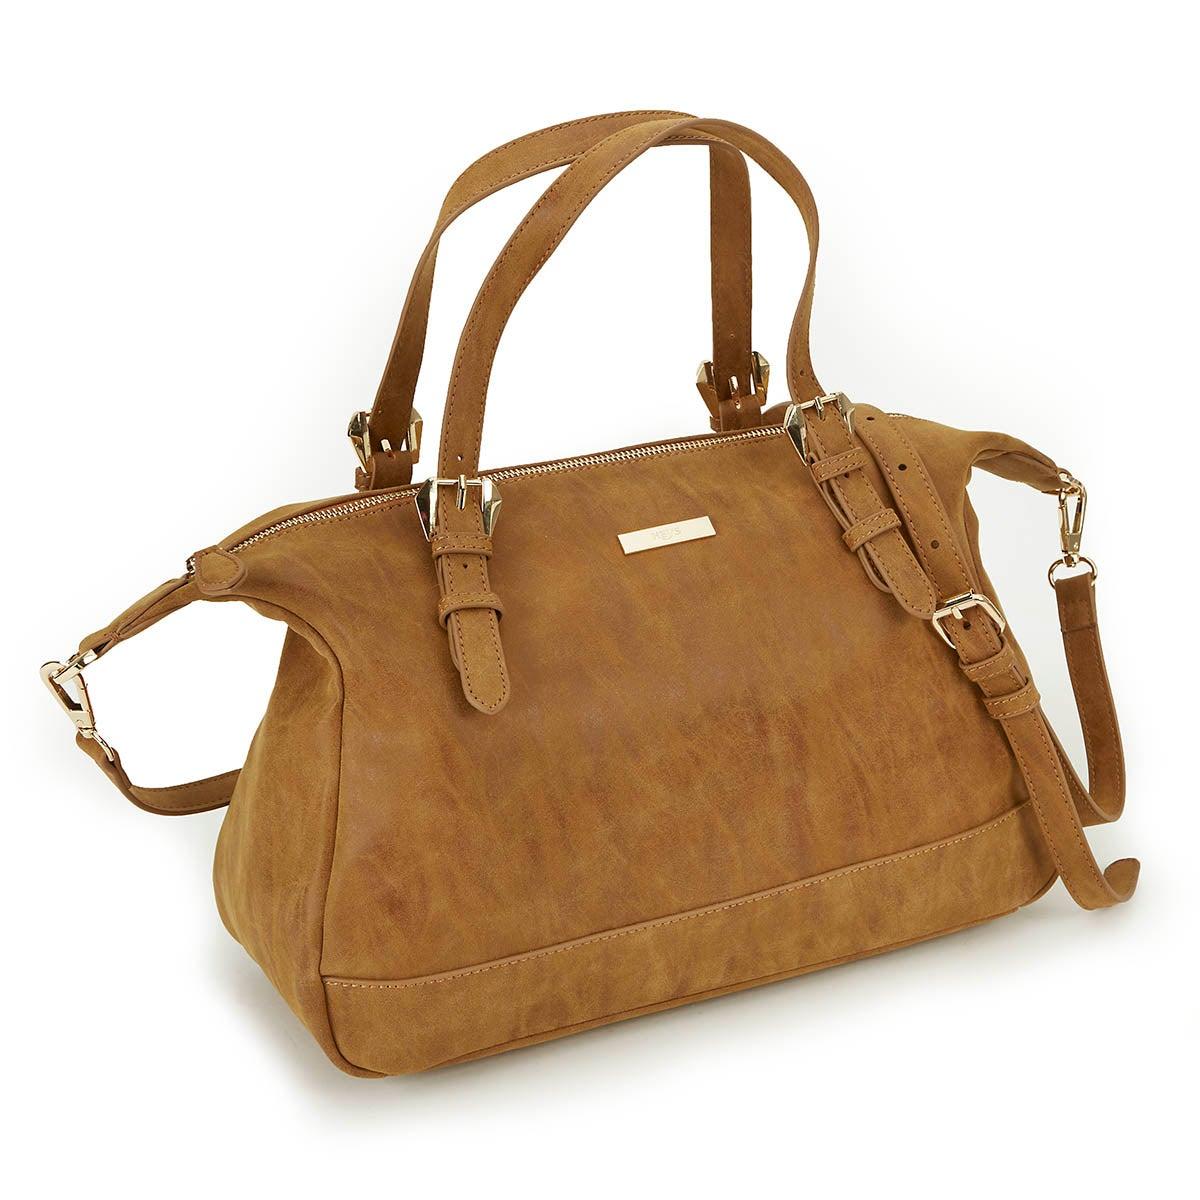 Lds Vintage cognac satchel